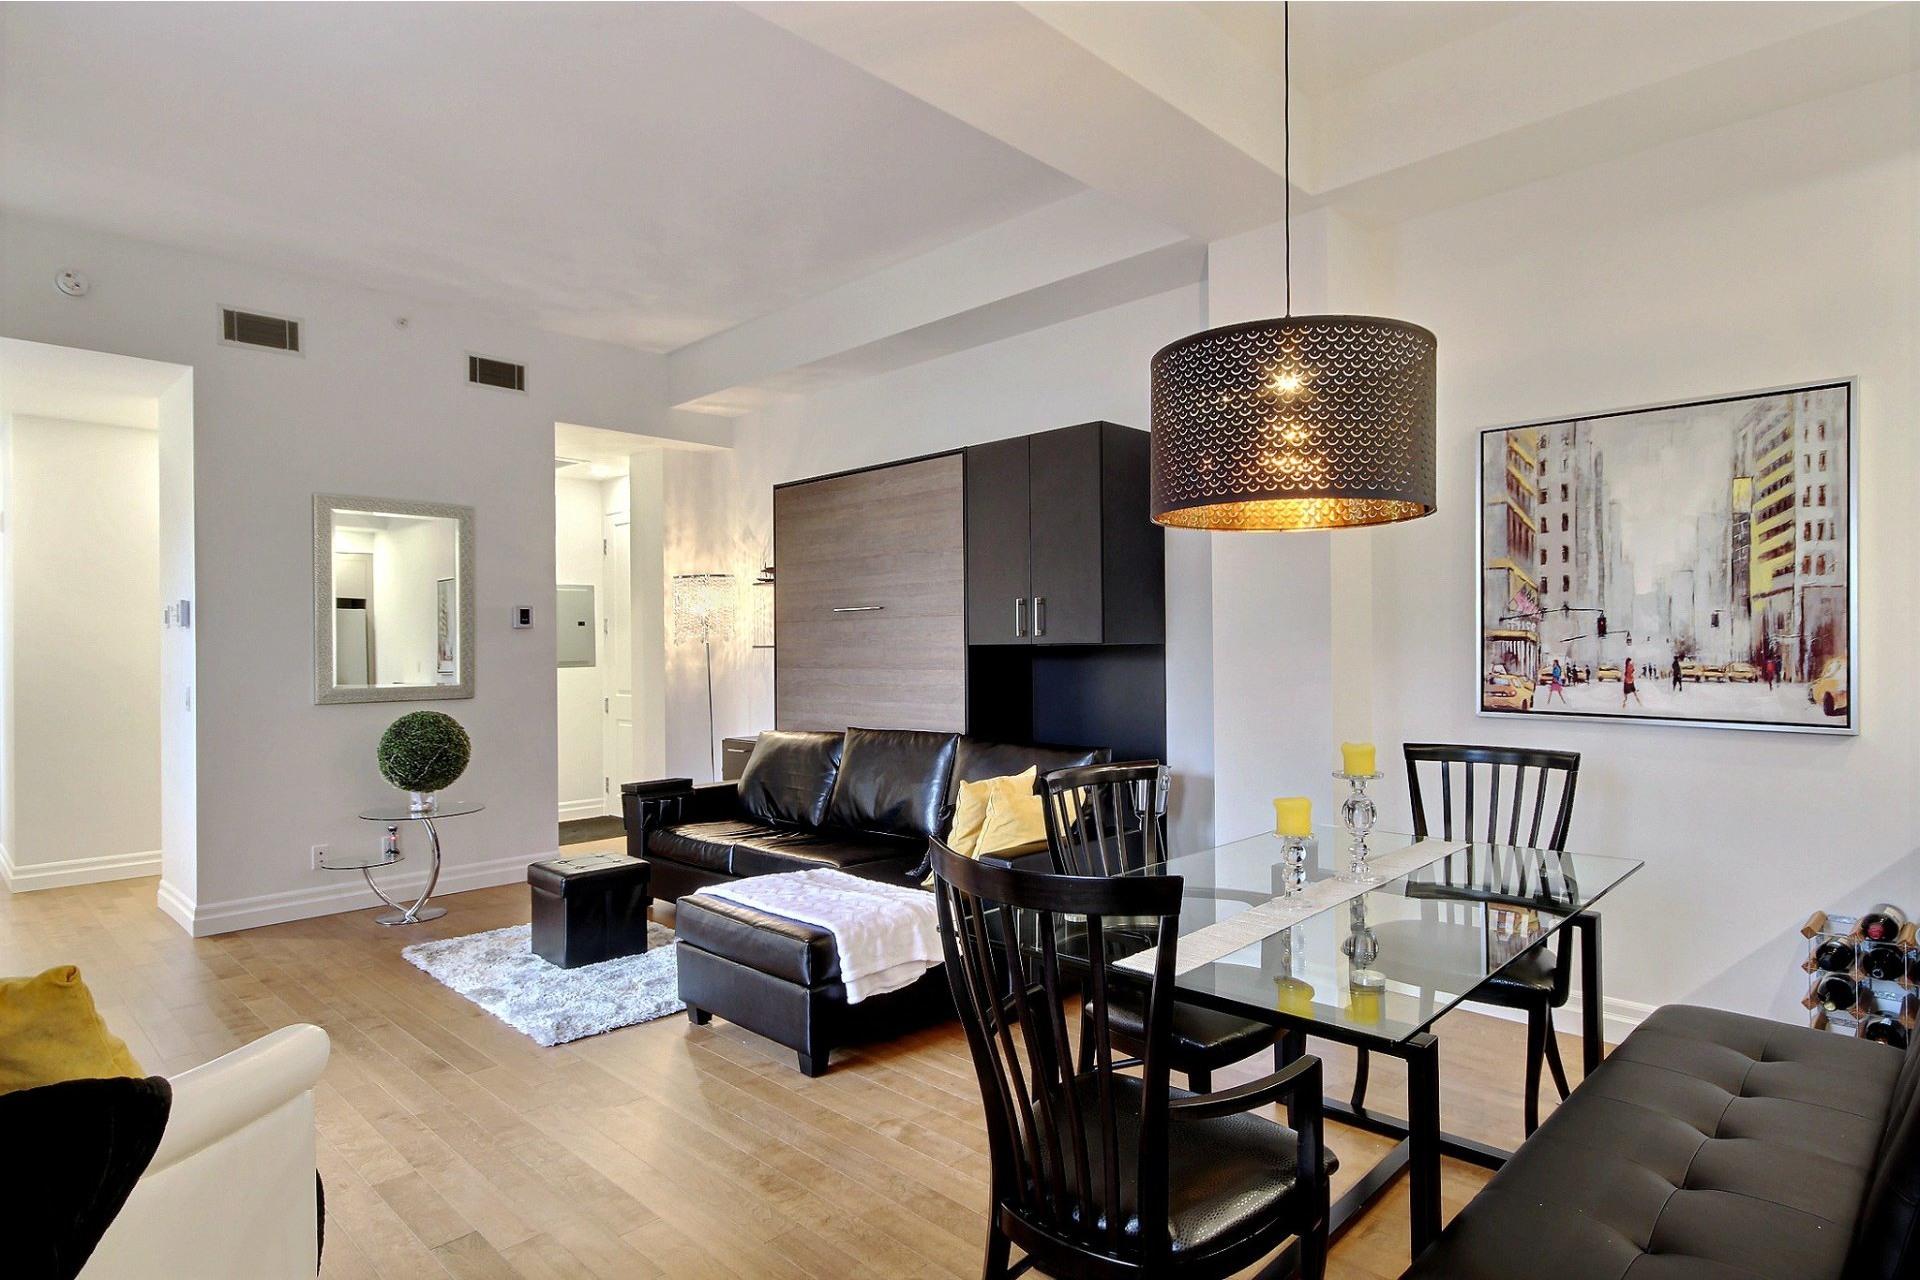 image 8 - Appartement À vendre Sainte-Foy/Sillery/Cap-Rouge Québec  - 7 pièces